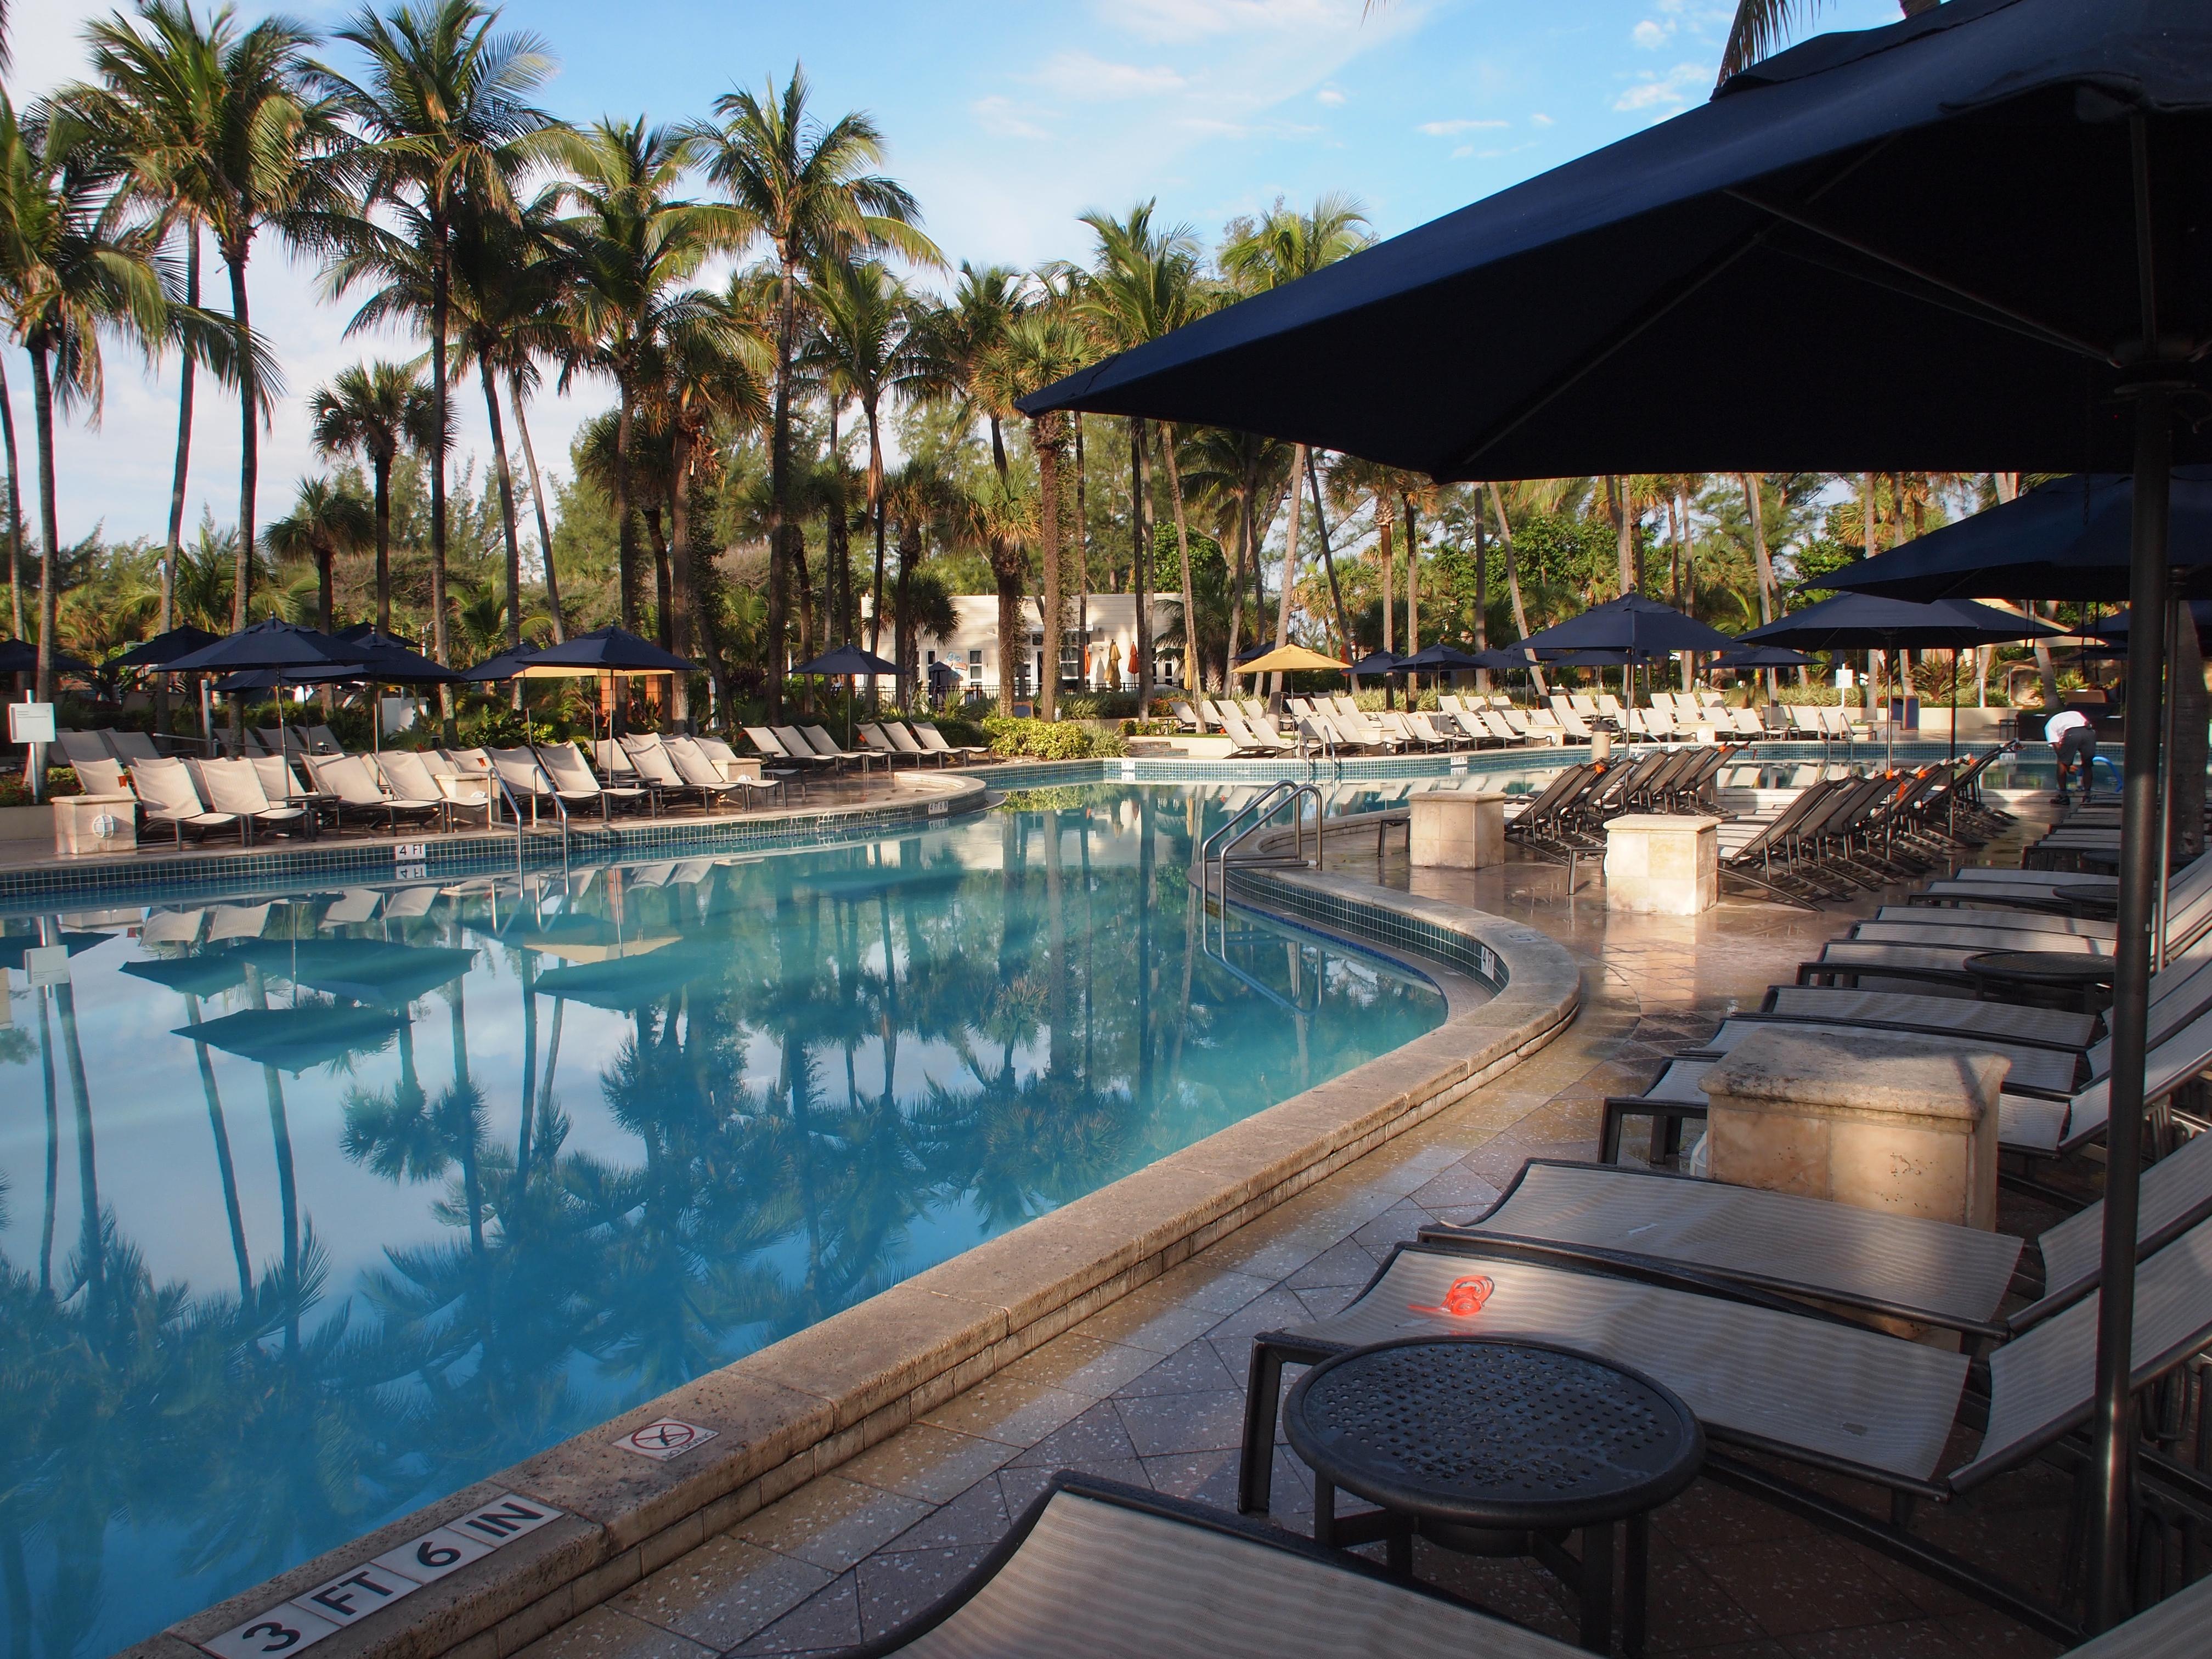 Dicas de Fort Lauderdale - Harbor Beach Marriott - Ponto Miami